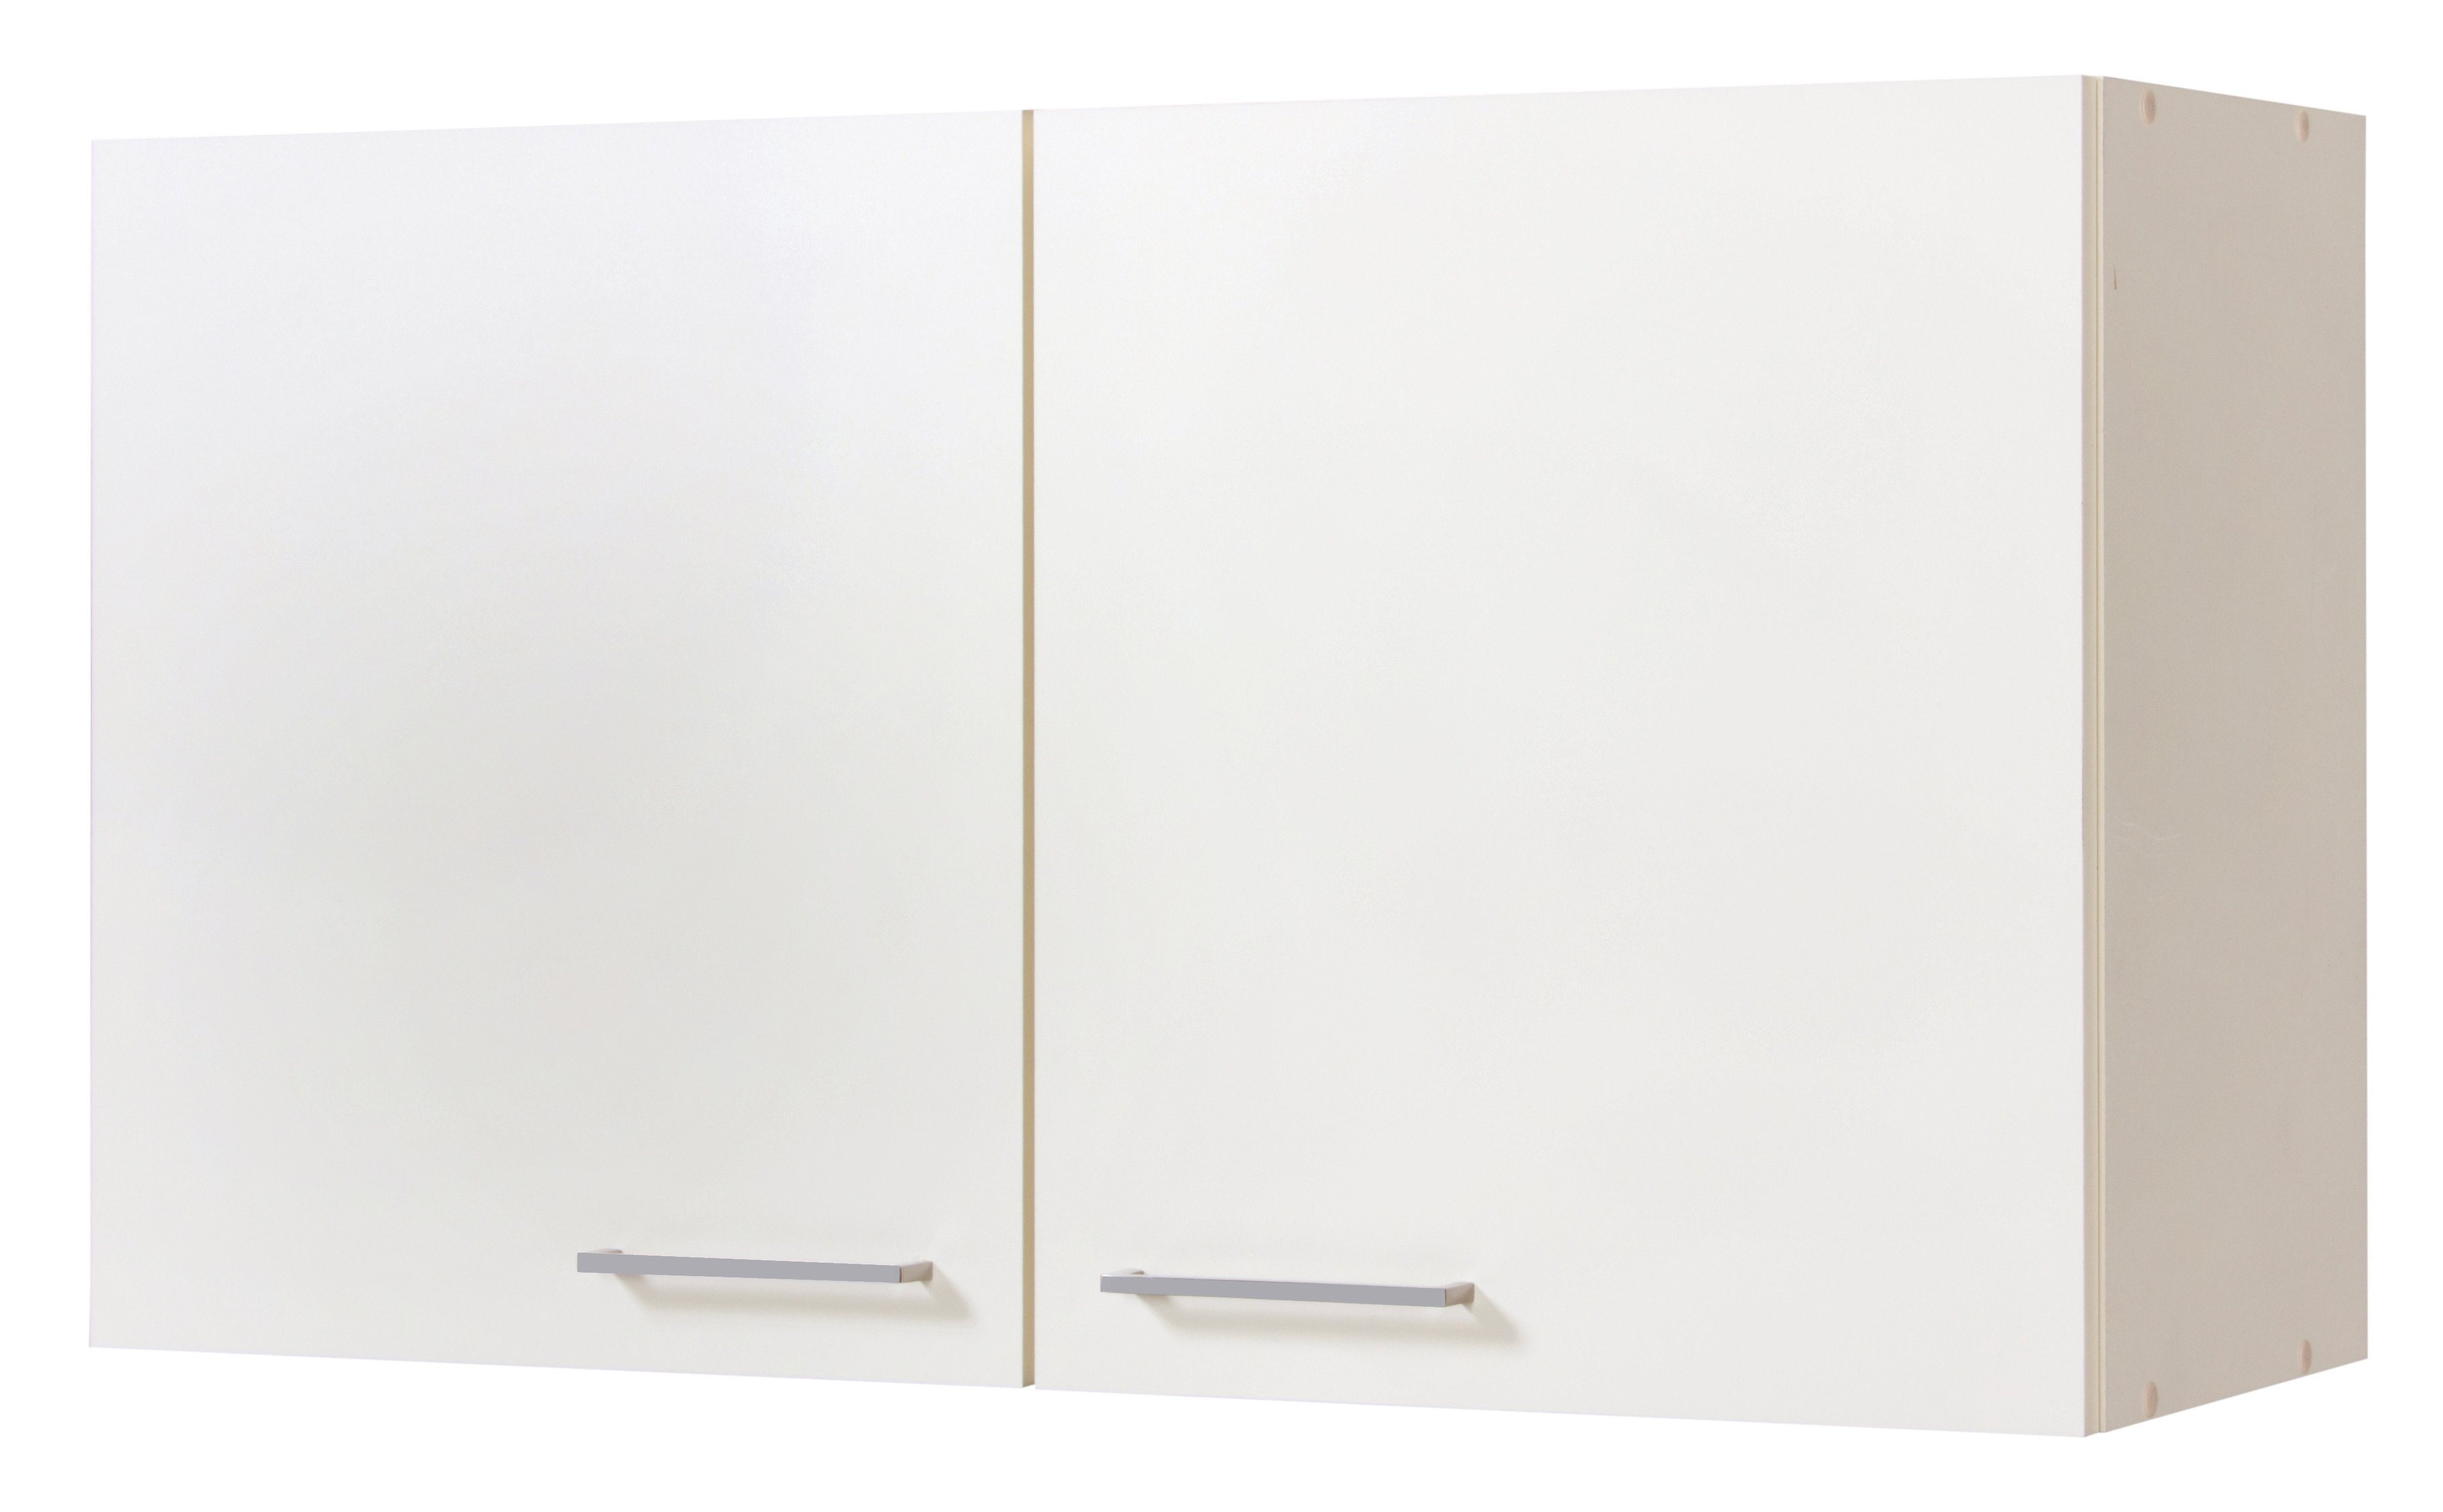 Küchenhängeschrank »London, Breite 100 cm« | Küche und Esszimmer > Küchenschränke > Küchen-Hängeschränke | Holzwerkstoff